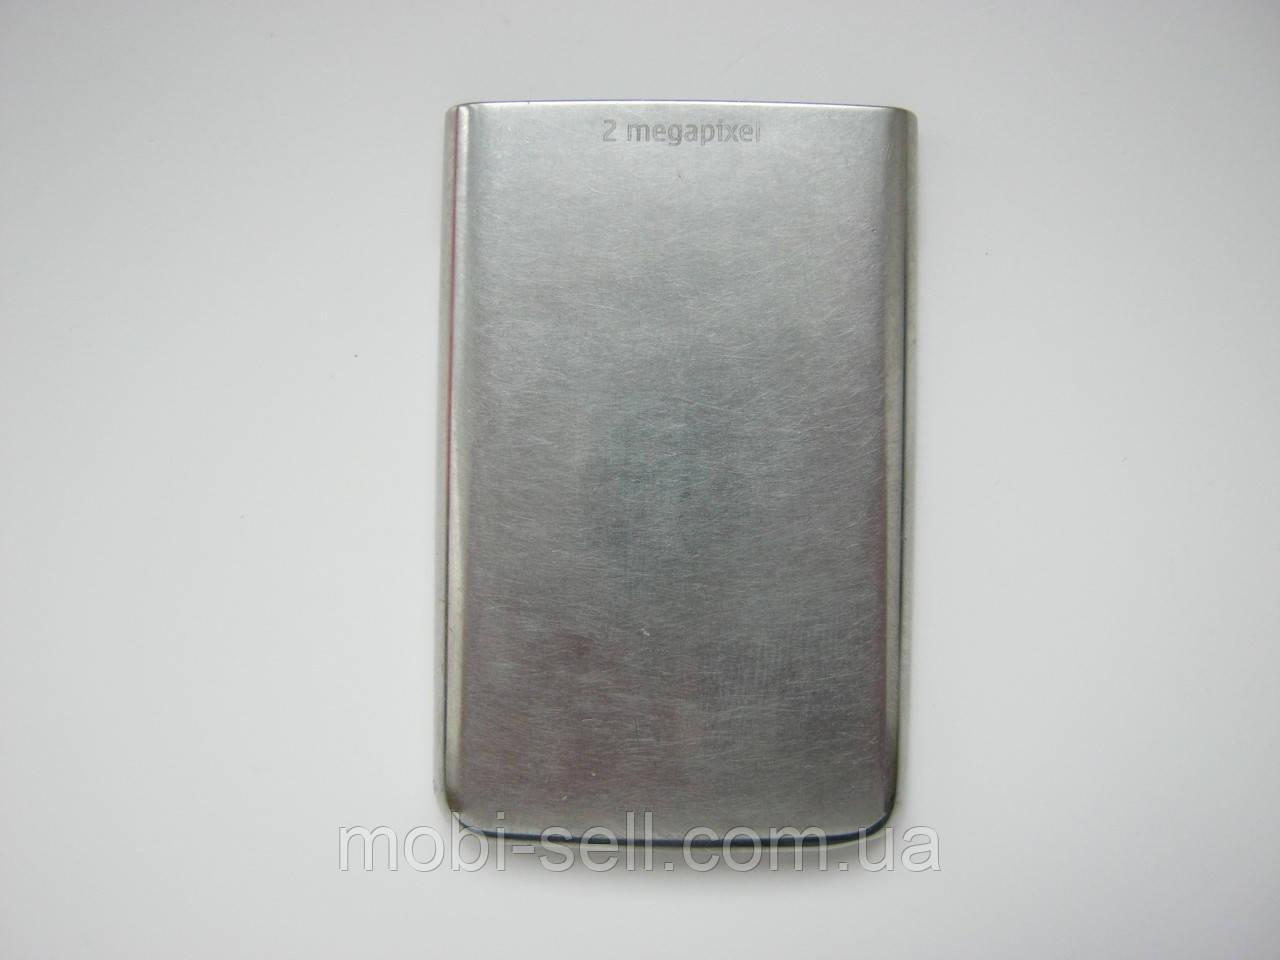 Задняя крышка для Nokia 6300 (металл, серебро)